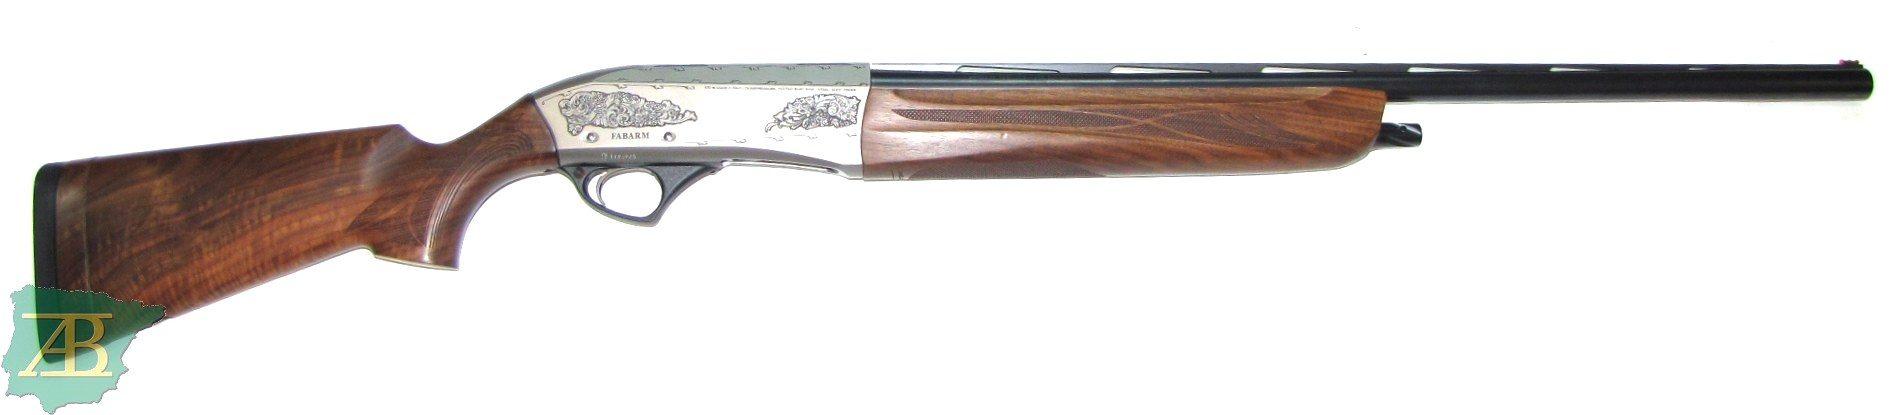 Escopeta semiautomática de caza FABARM XLR5 ZURDO Ref REP2020-1354-armeriaiberica